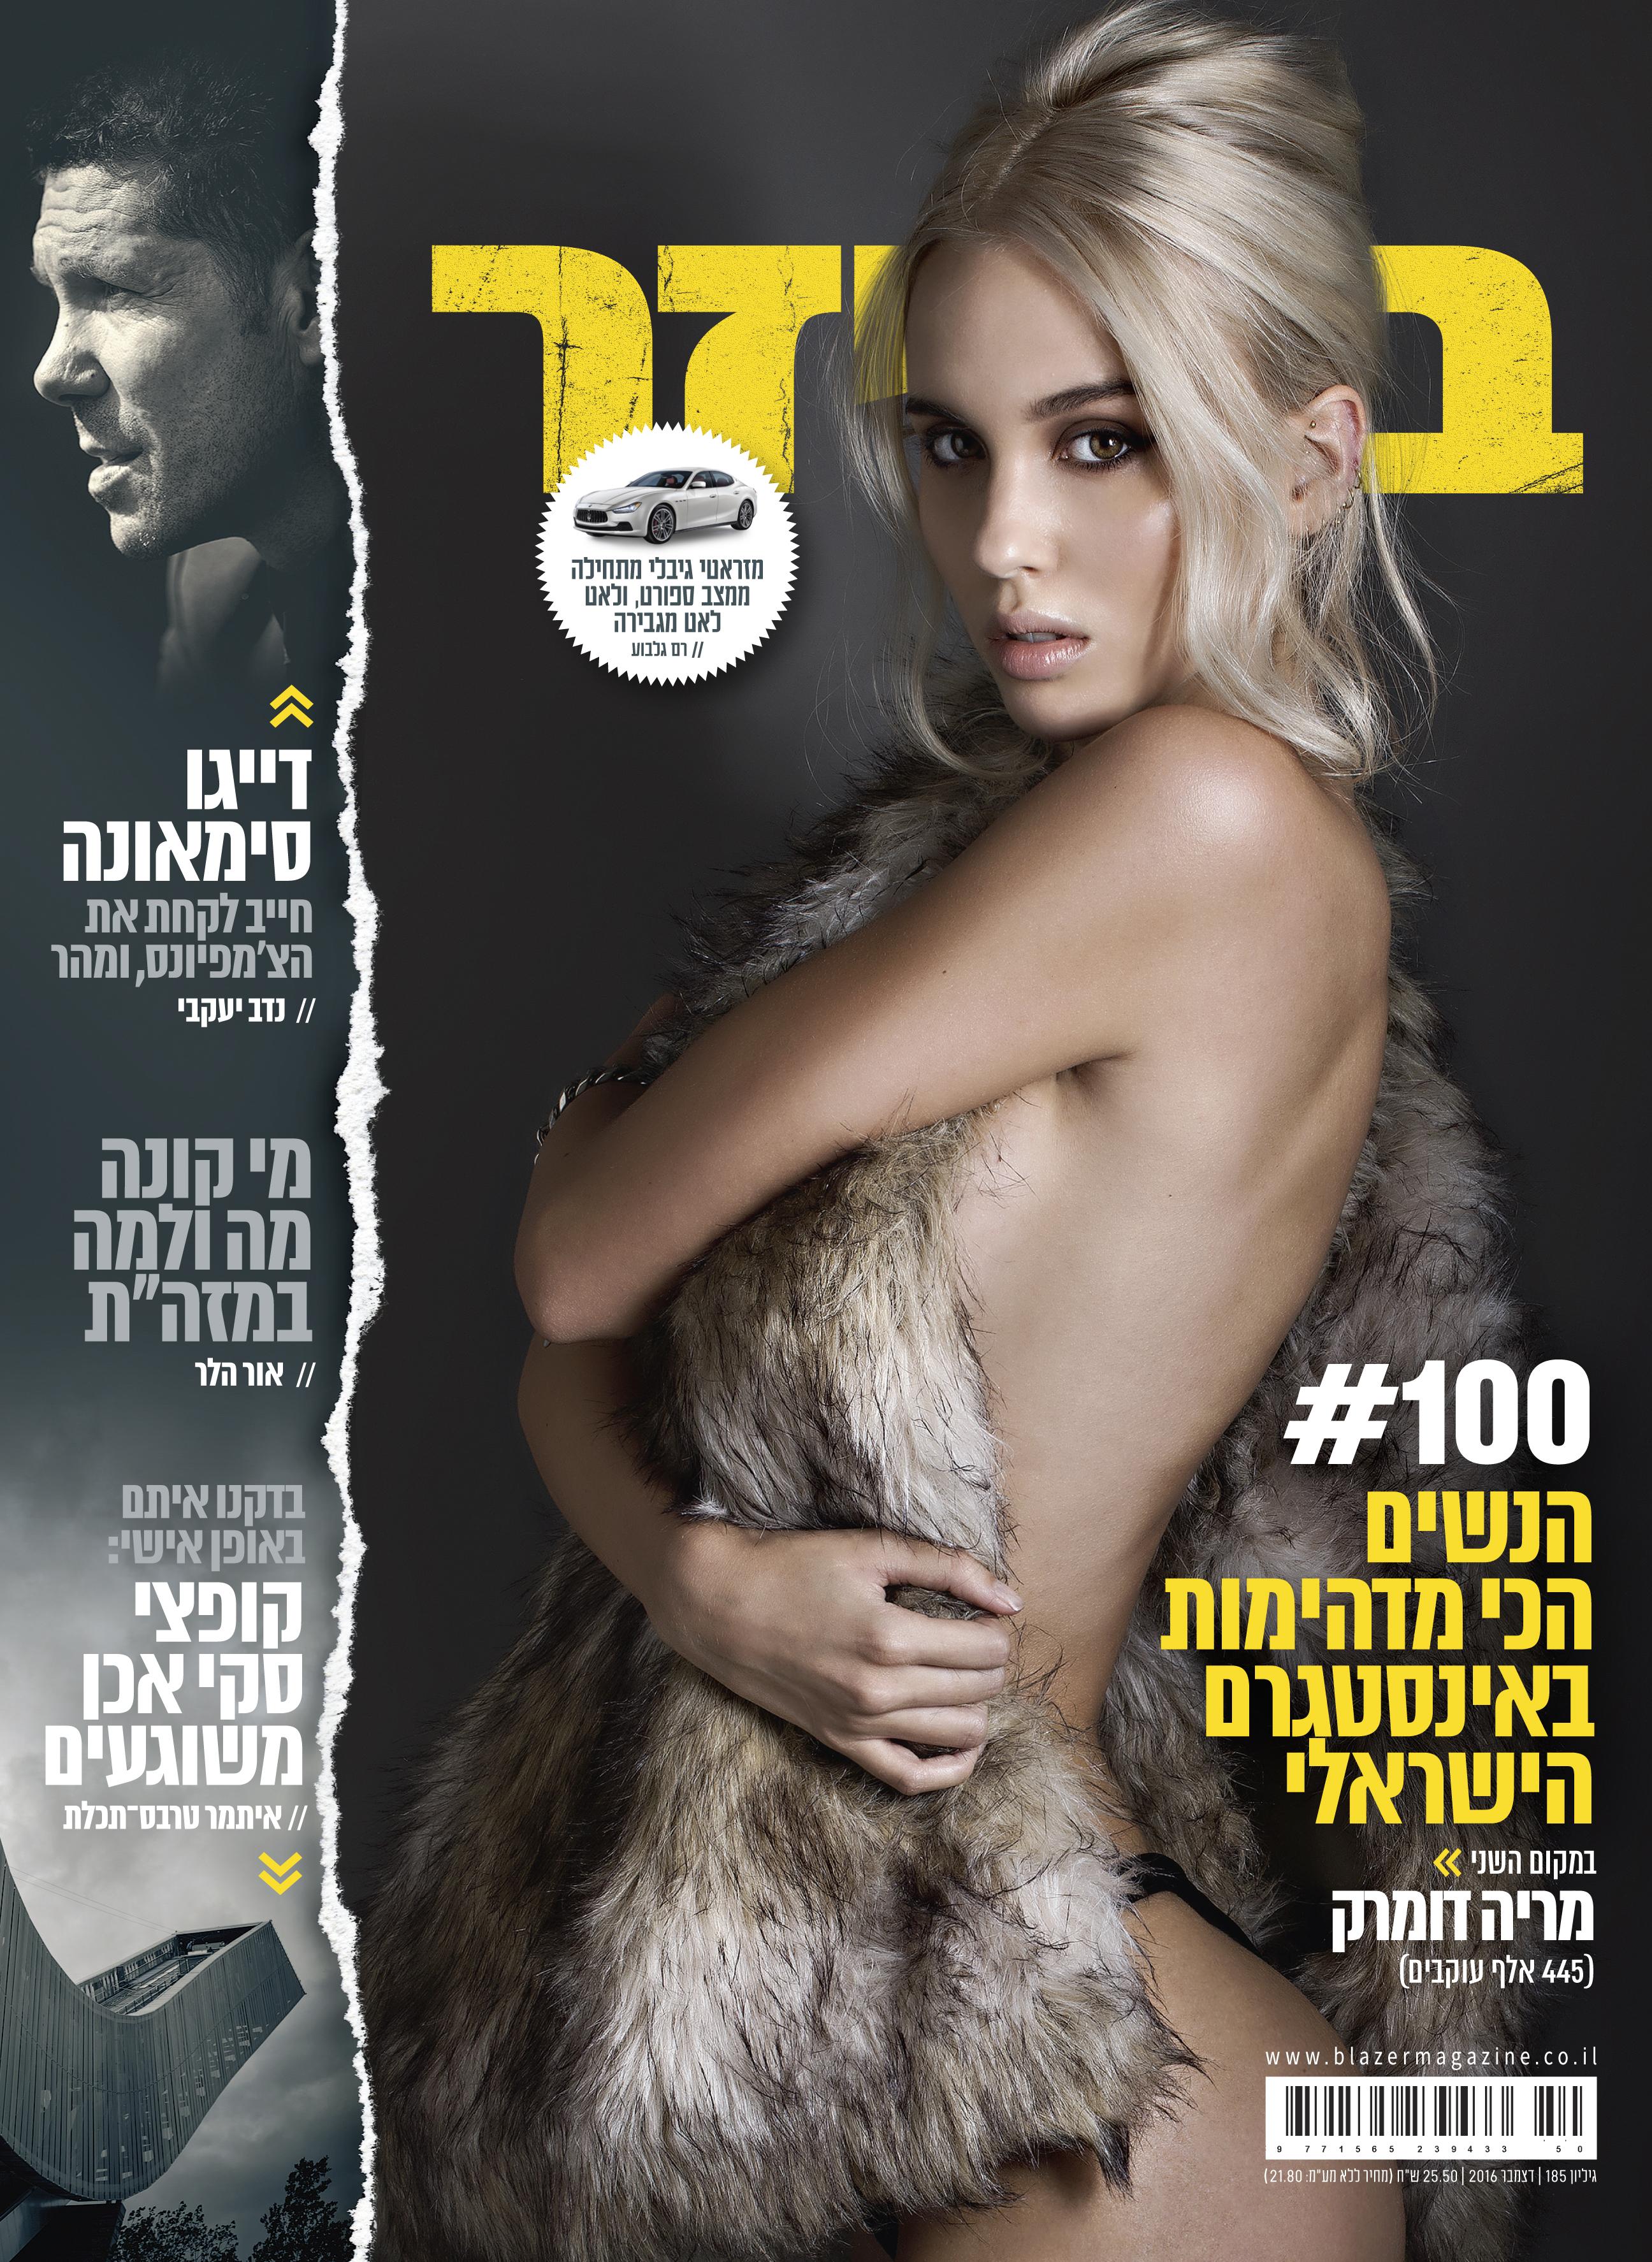 Обложка журнала. Фото: Александр Липкин